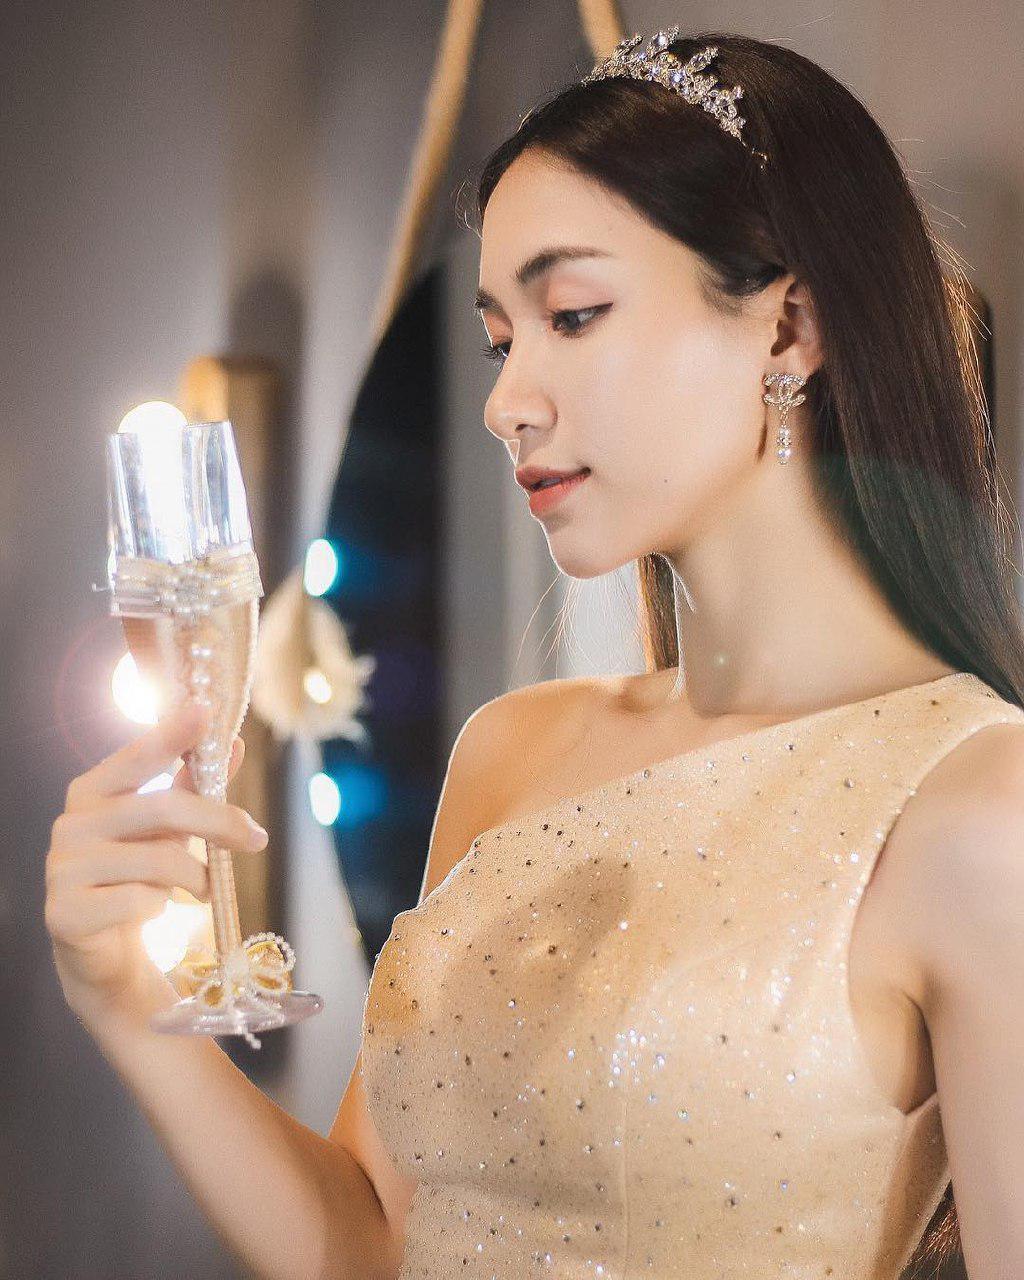 Hòa Minzy gây tranh cãi vì quá gay gắt trước lời khuyên chân thành của fan-3